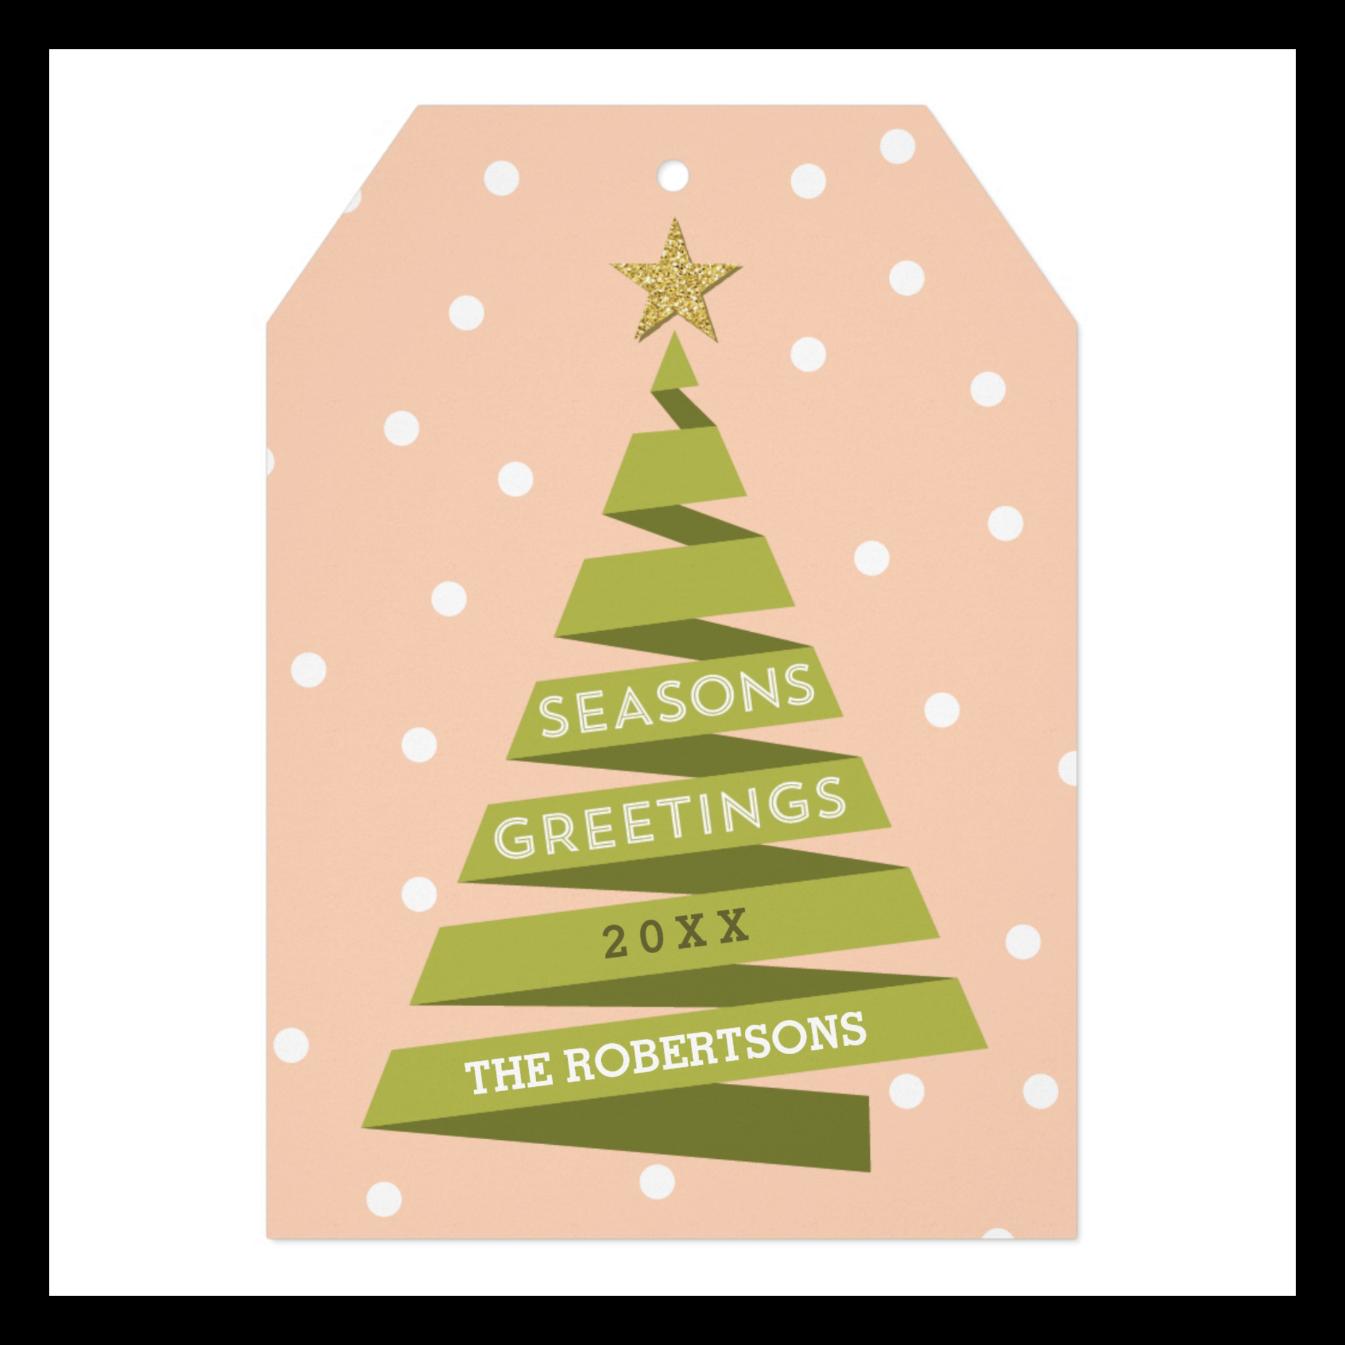 Ribbon Tree Tag Style Holiday Card